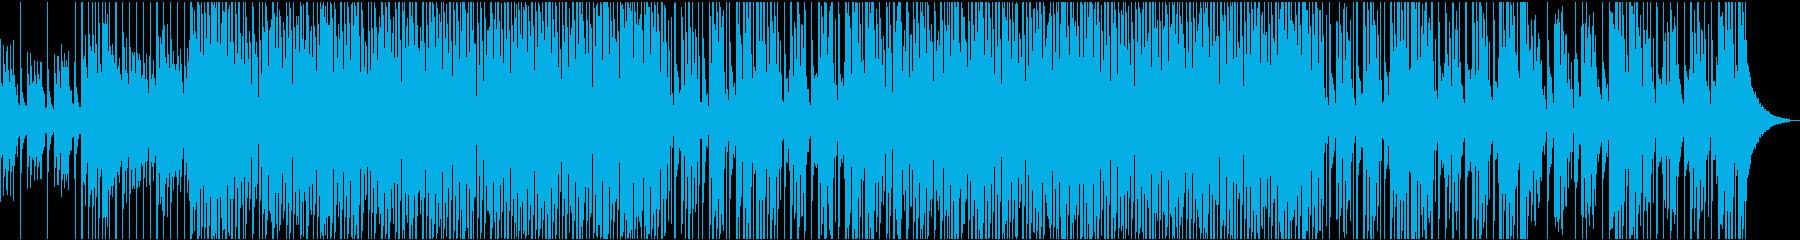 インディーロック 新しい ポップ ...の再生済みの波形